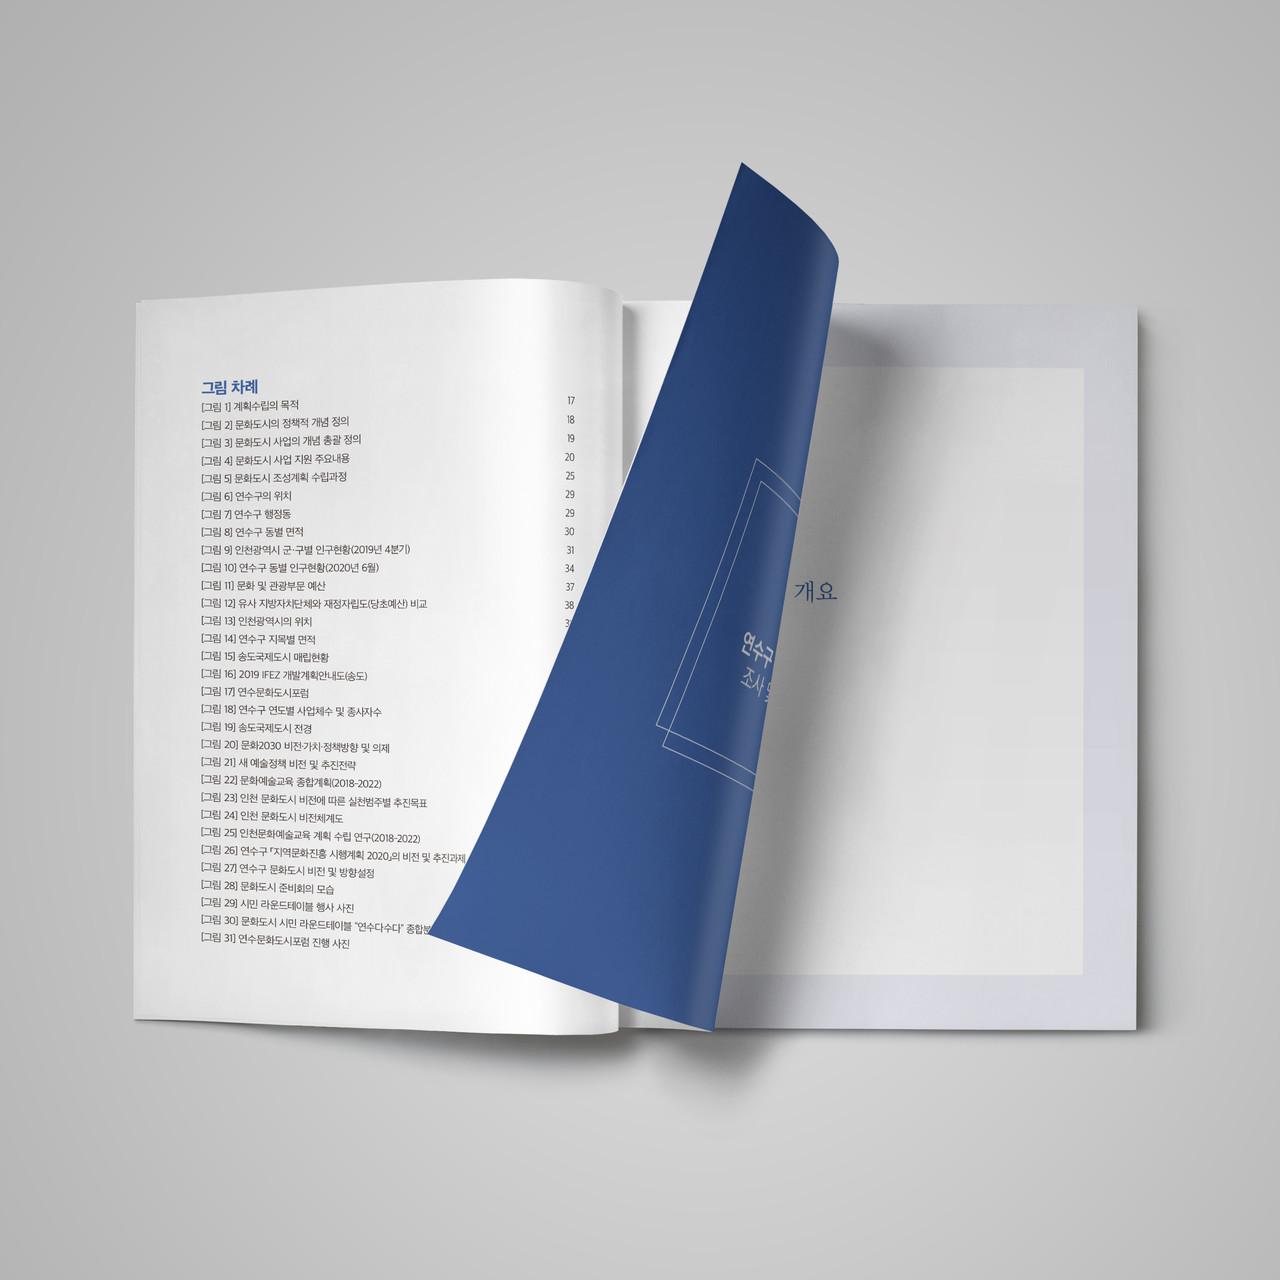 연수구 문화도시 조성계획 보고서 디자인 시안 - 로모